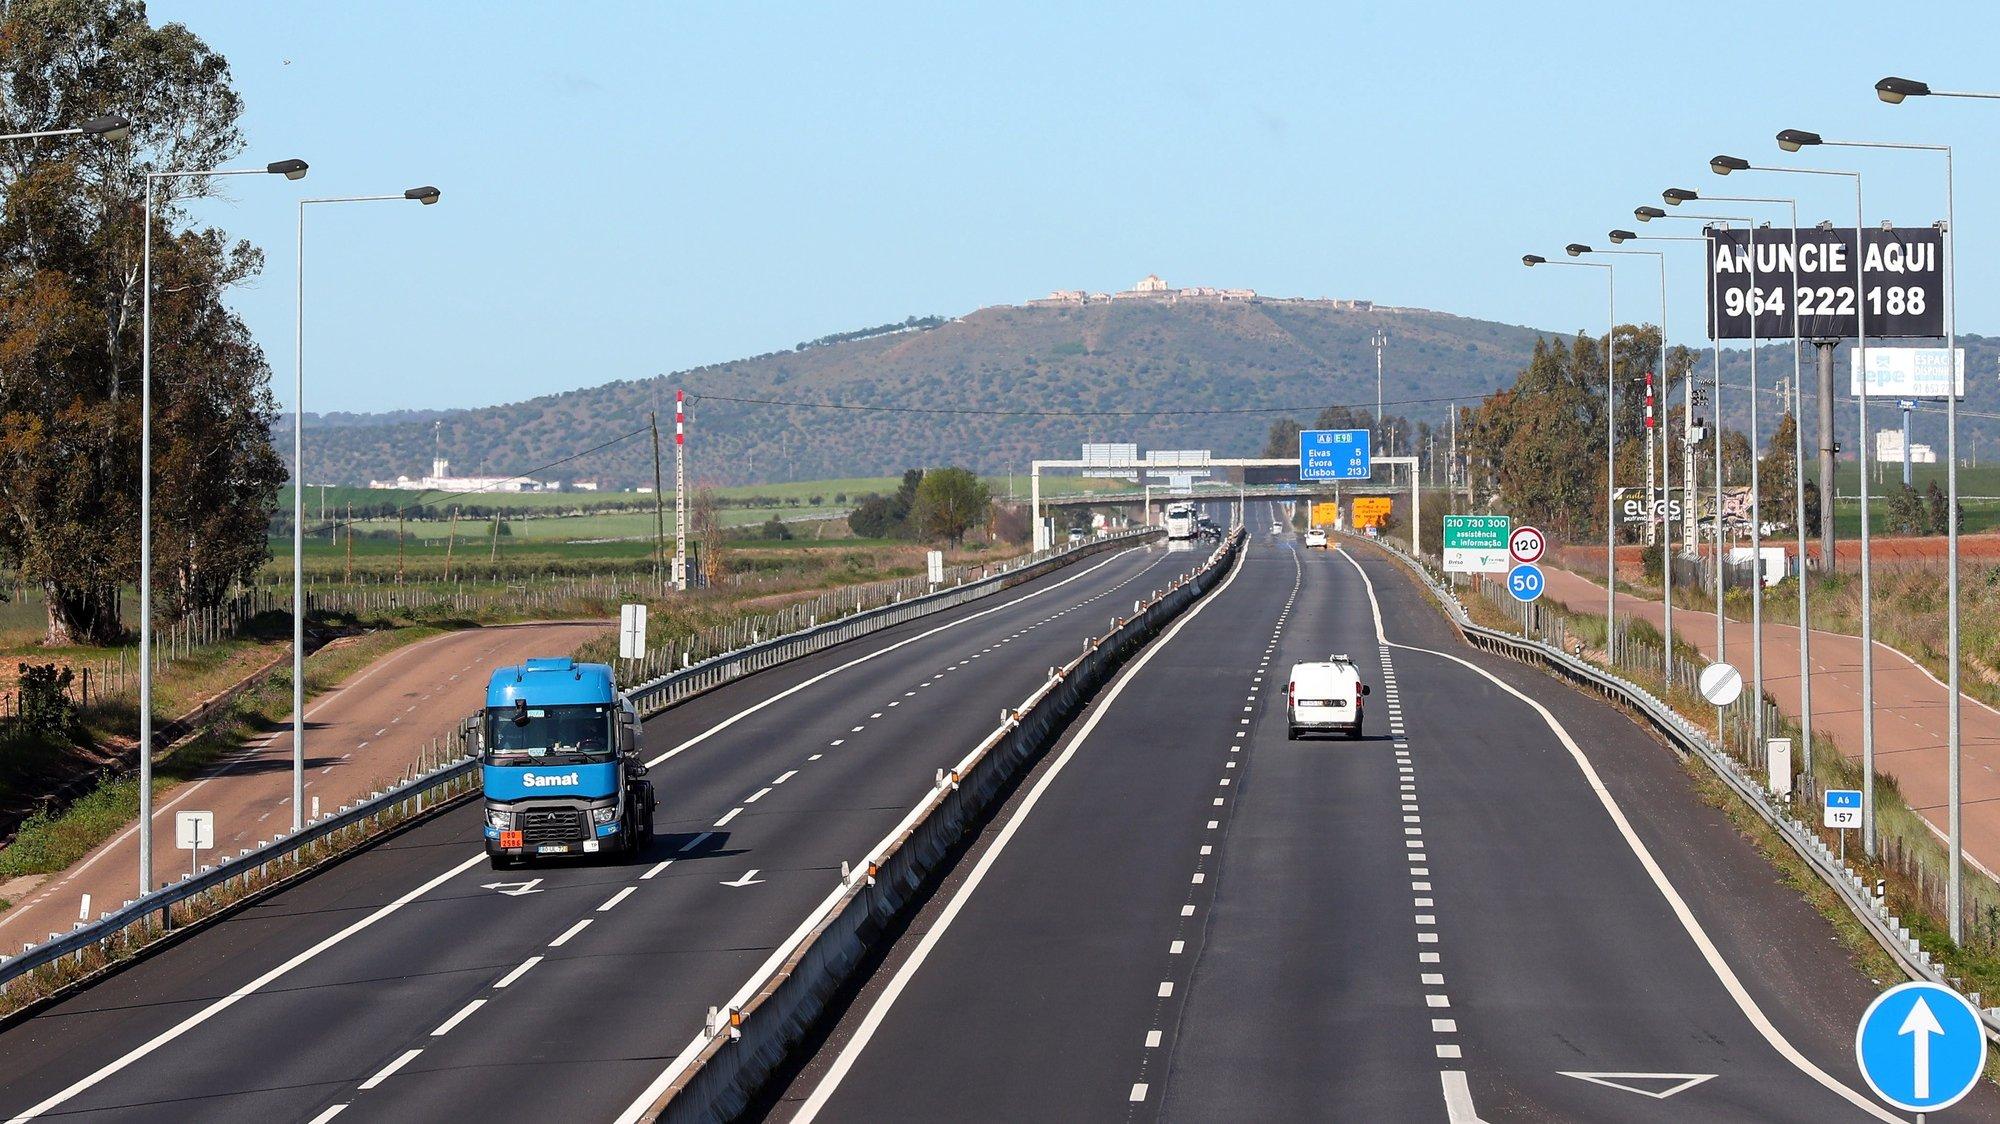 Auto estrada A6, na fronteira com Portugal (Caia - Elvas) circulam maioritariamente veículos de mercadorias, depois de ter sido decretado a partir de hoje o estado de alerta em Portugal e de emergência, e de o primeiro-ministro, António Costa, ter anunciado no domingo que Portugal e Espanha vão limitar a circulação na fronteira a mercadorias e trabalhadores transfronteiriço devido à pandemia do COVID - 19, em Badajoz, Espanha, 16 de março de 2020. NUNO VEIGA/LUSA